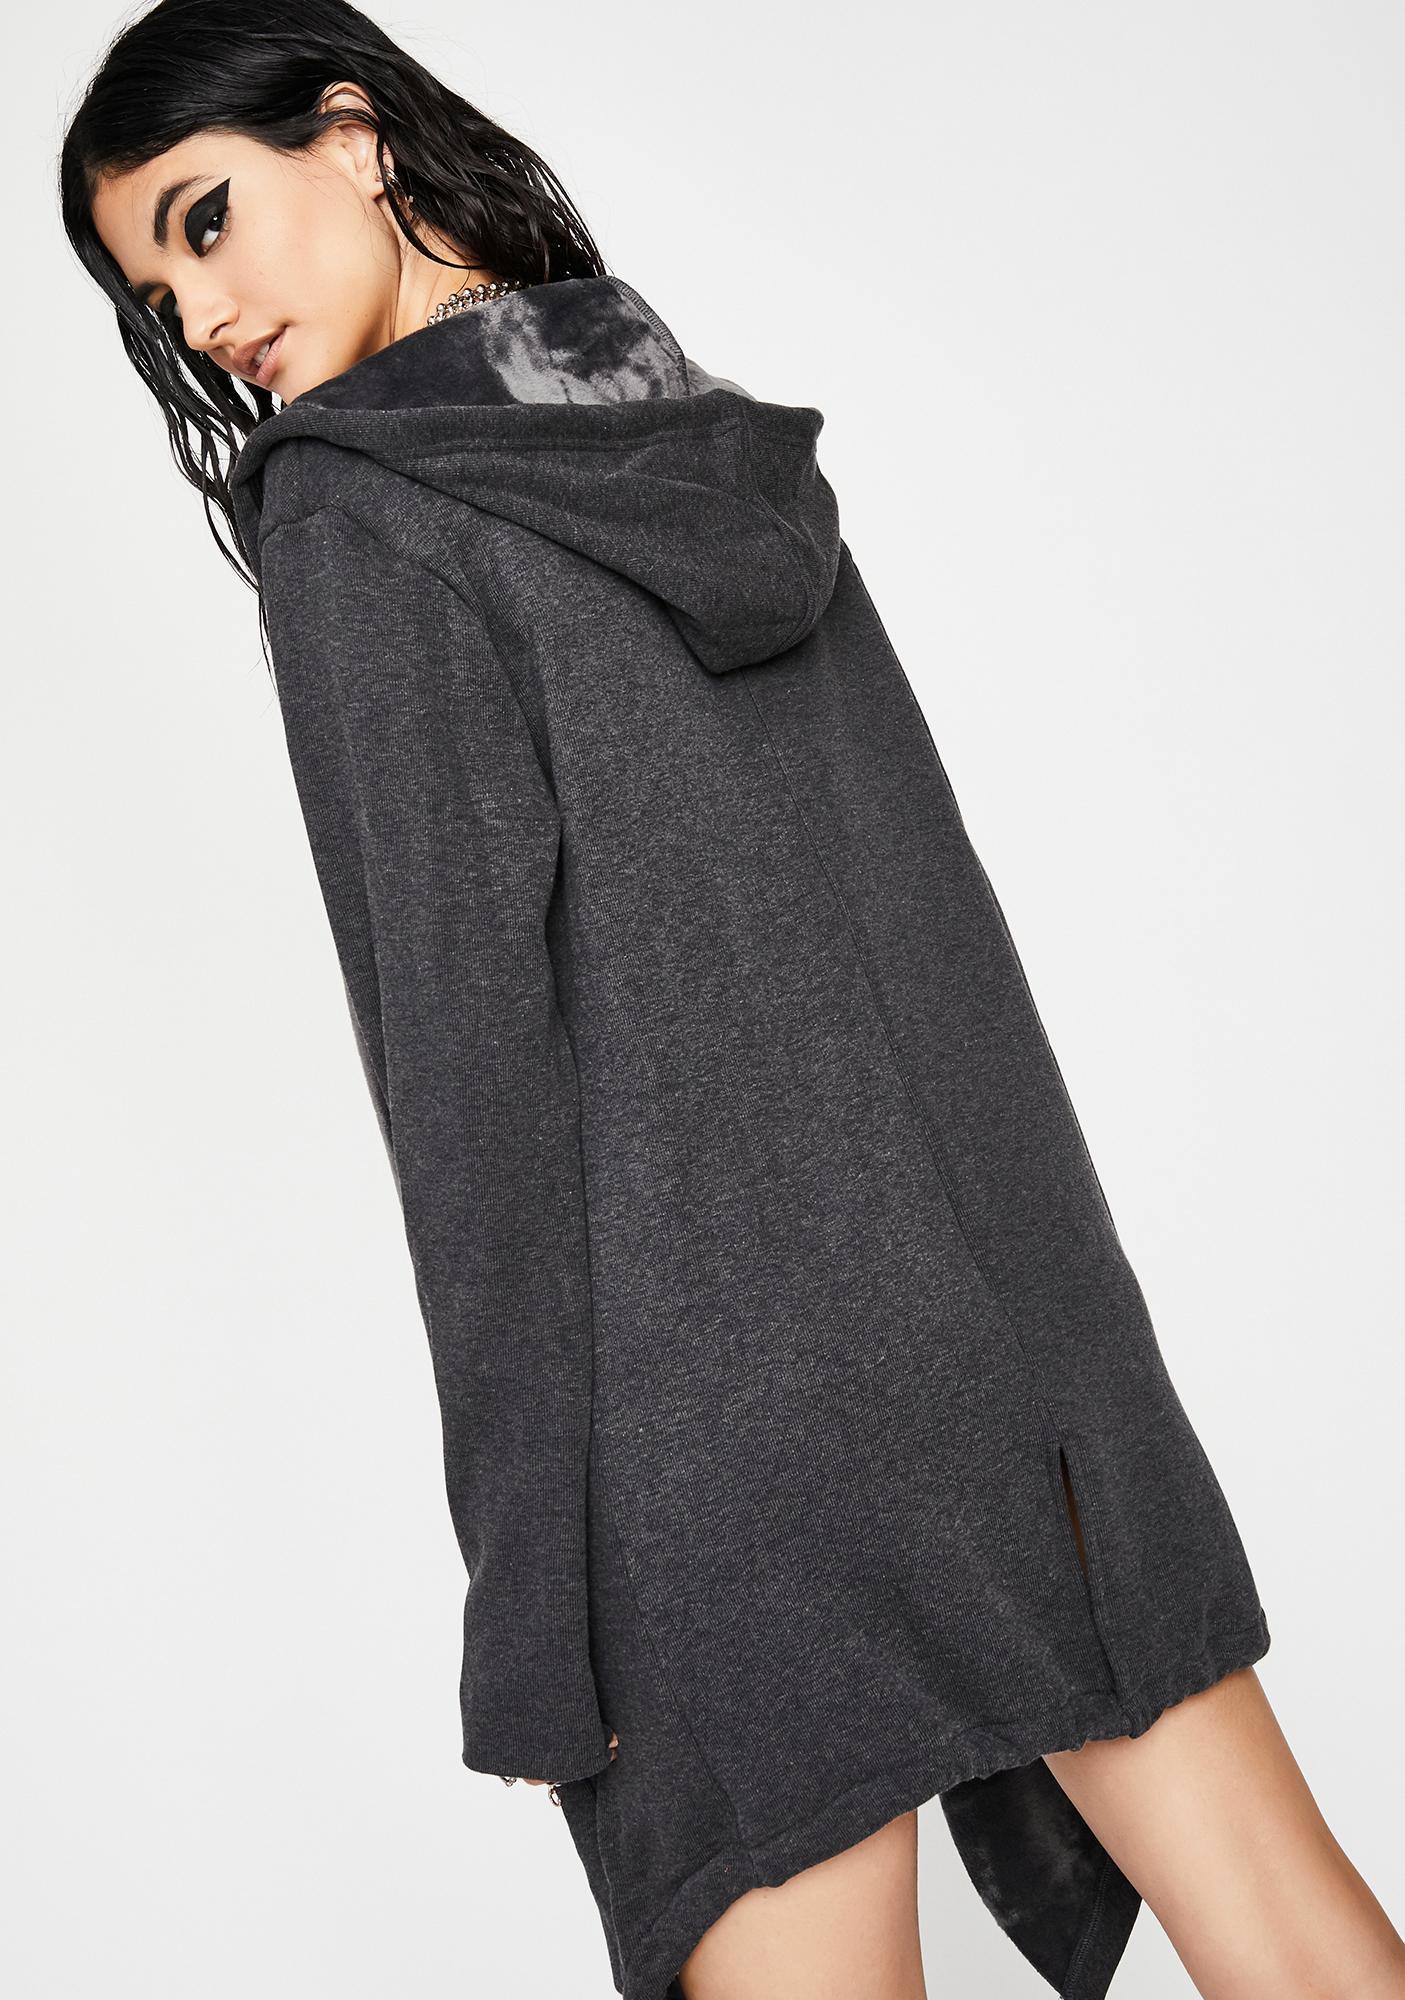 Dark Daze Hooded Poncho